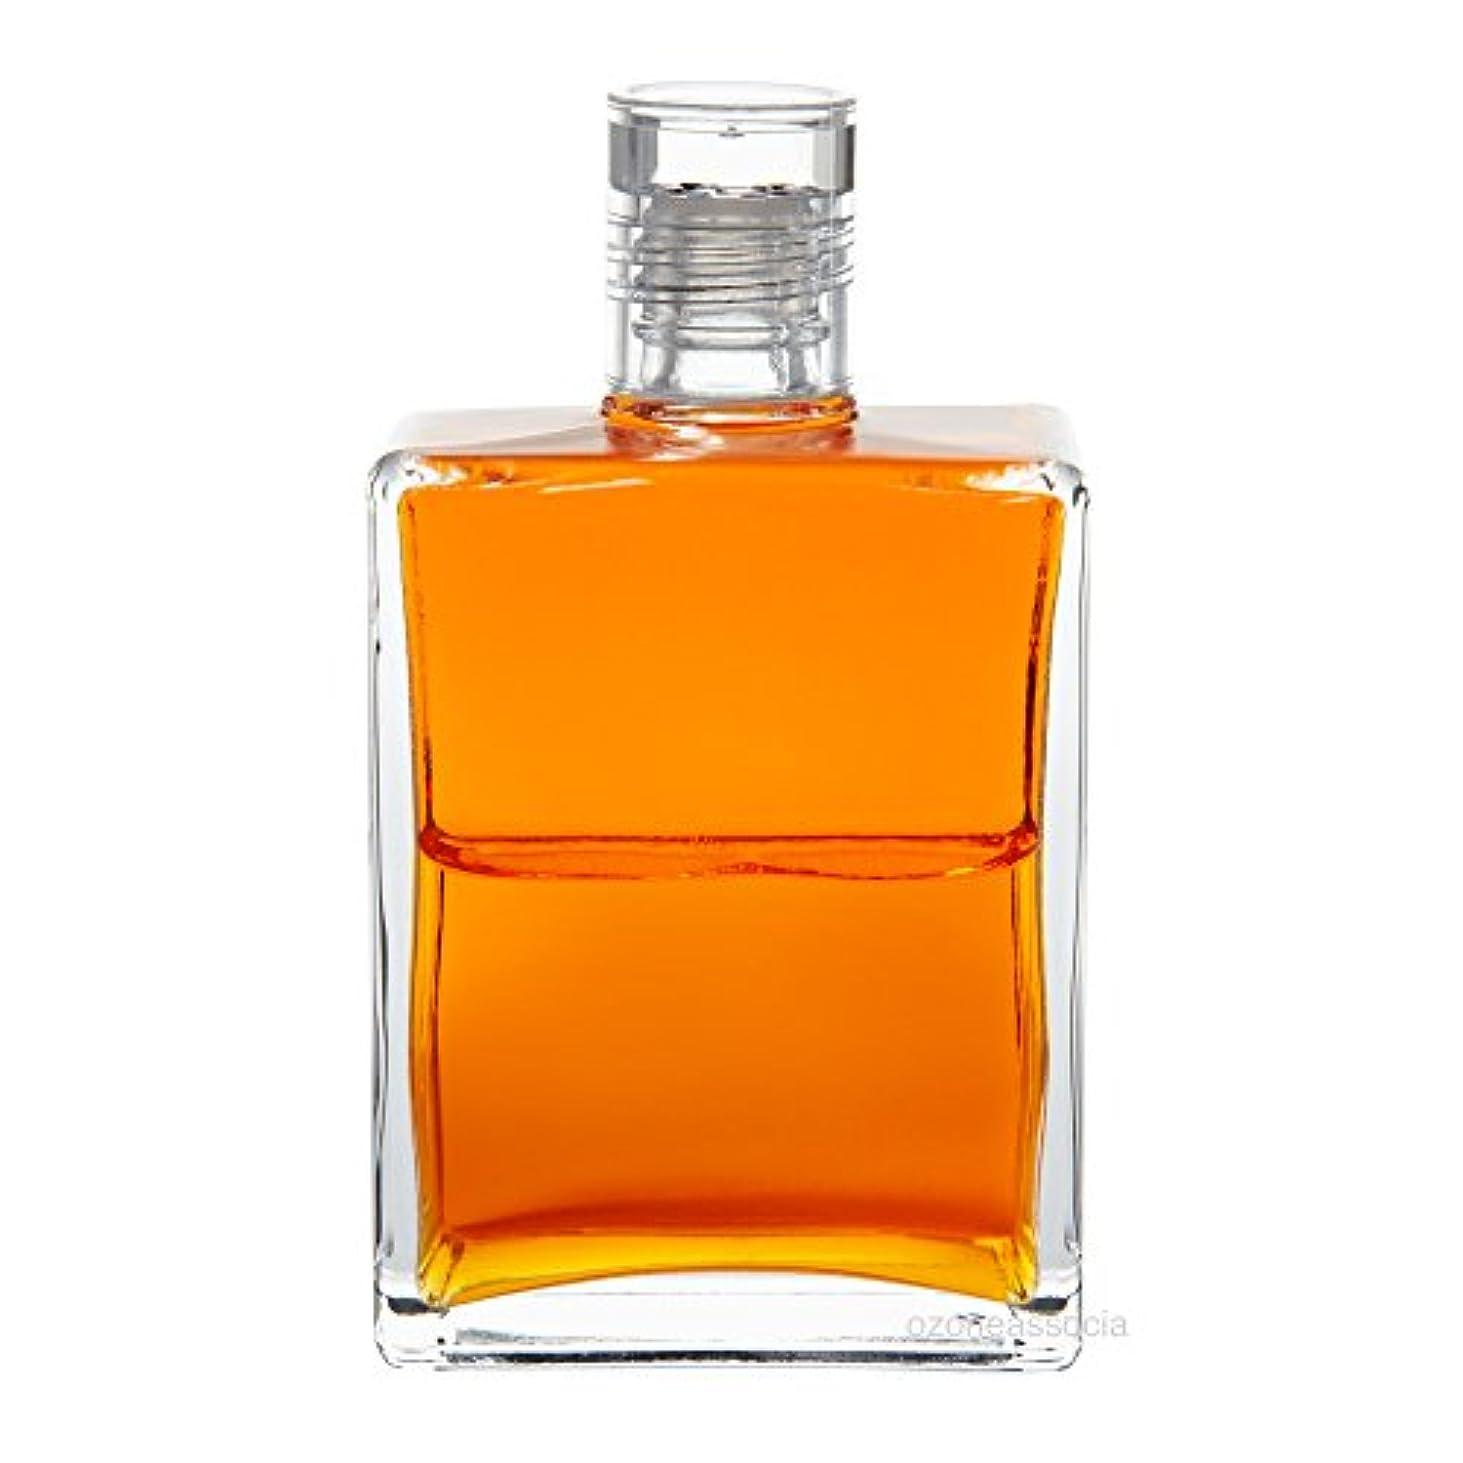 連続的説明押すオーラソーマ ボトル 26番  エーテルレスキュー/パンプティ?ダンプティボトル (オレンジ/オレンジ) イクイリブリアムボトル50ml Aurasoma